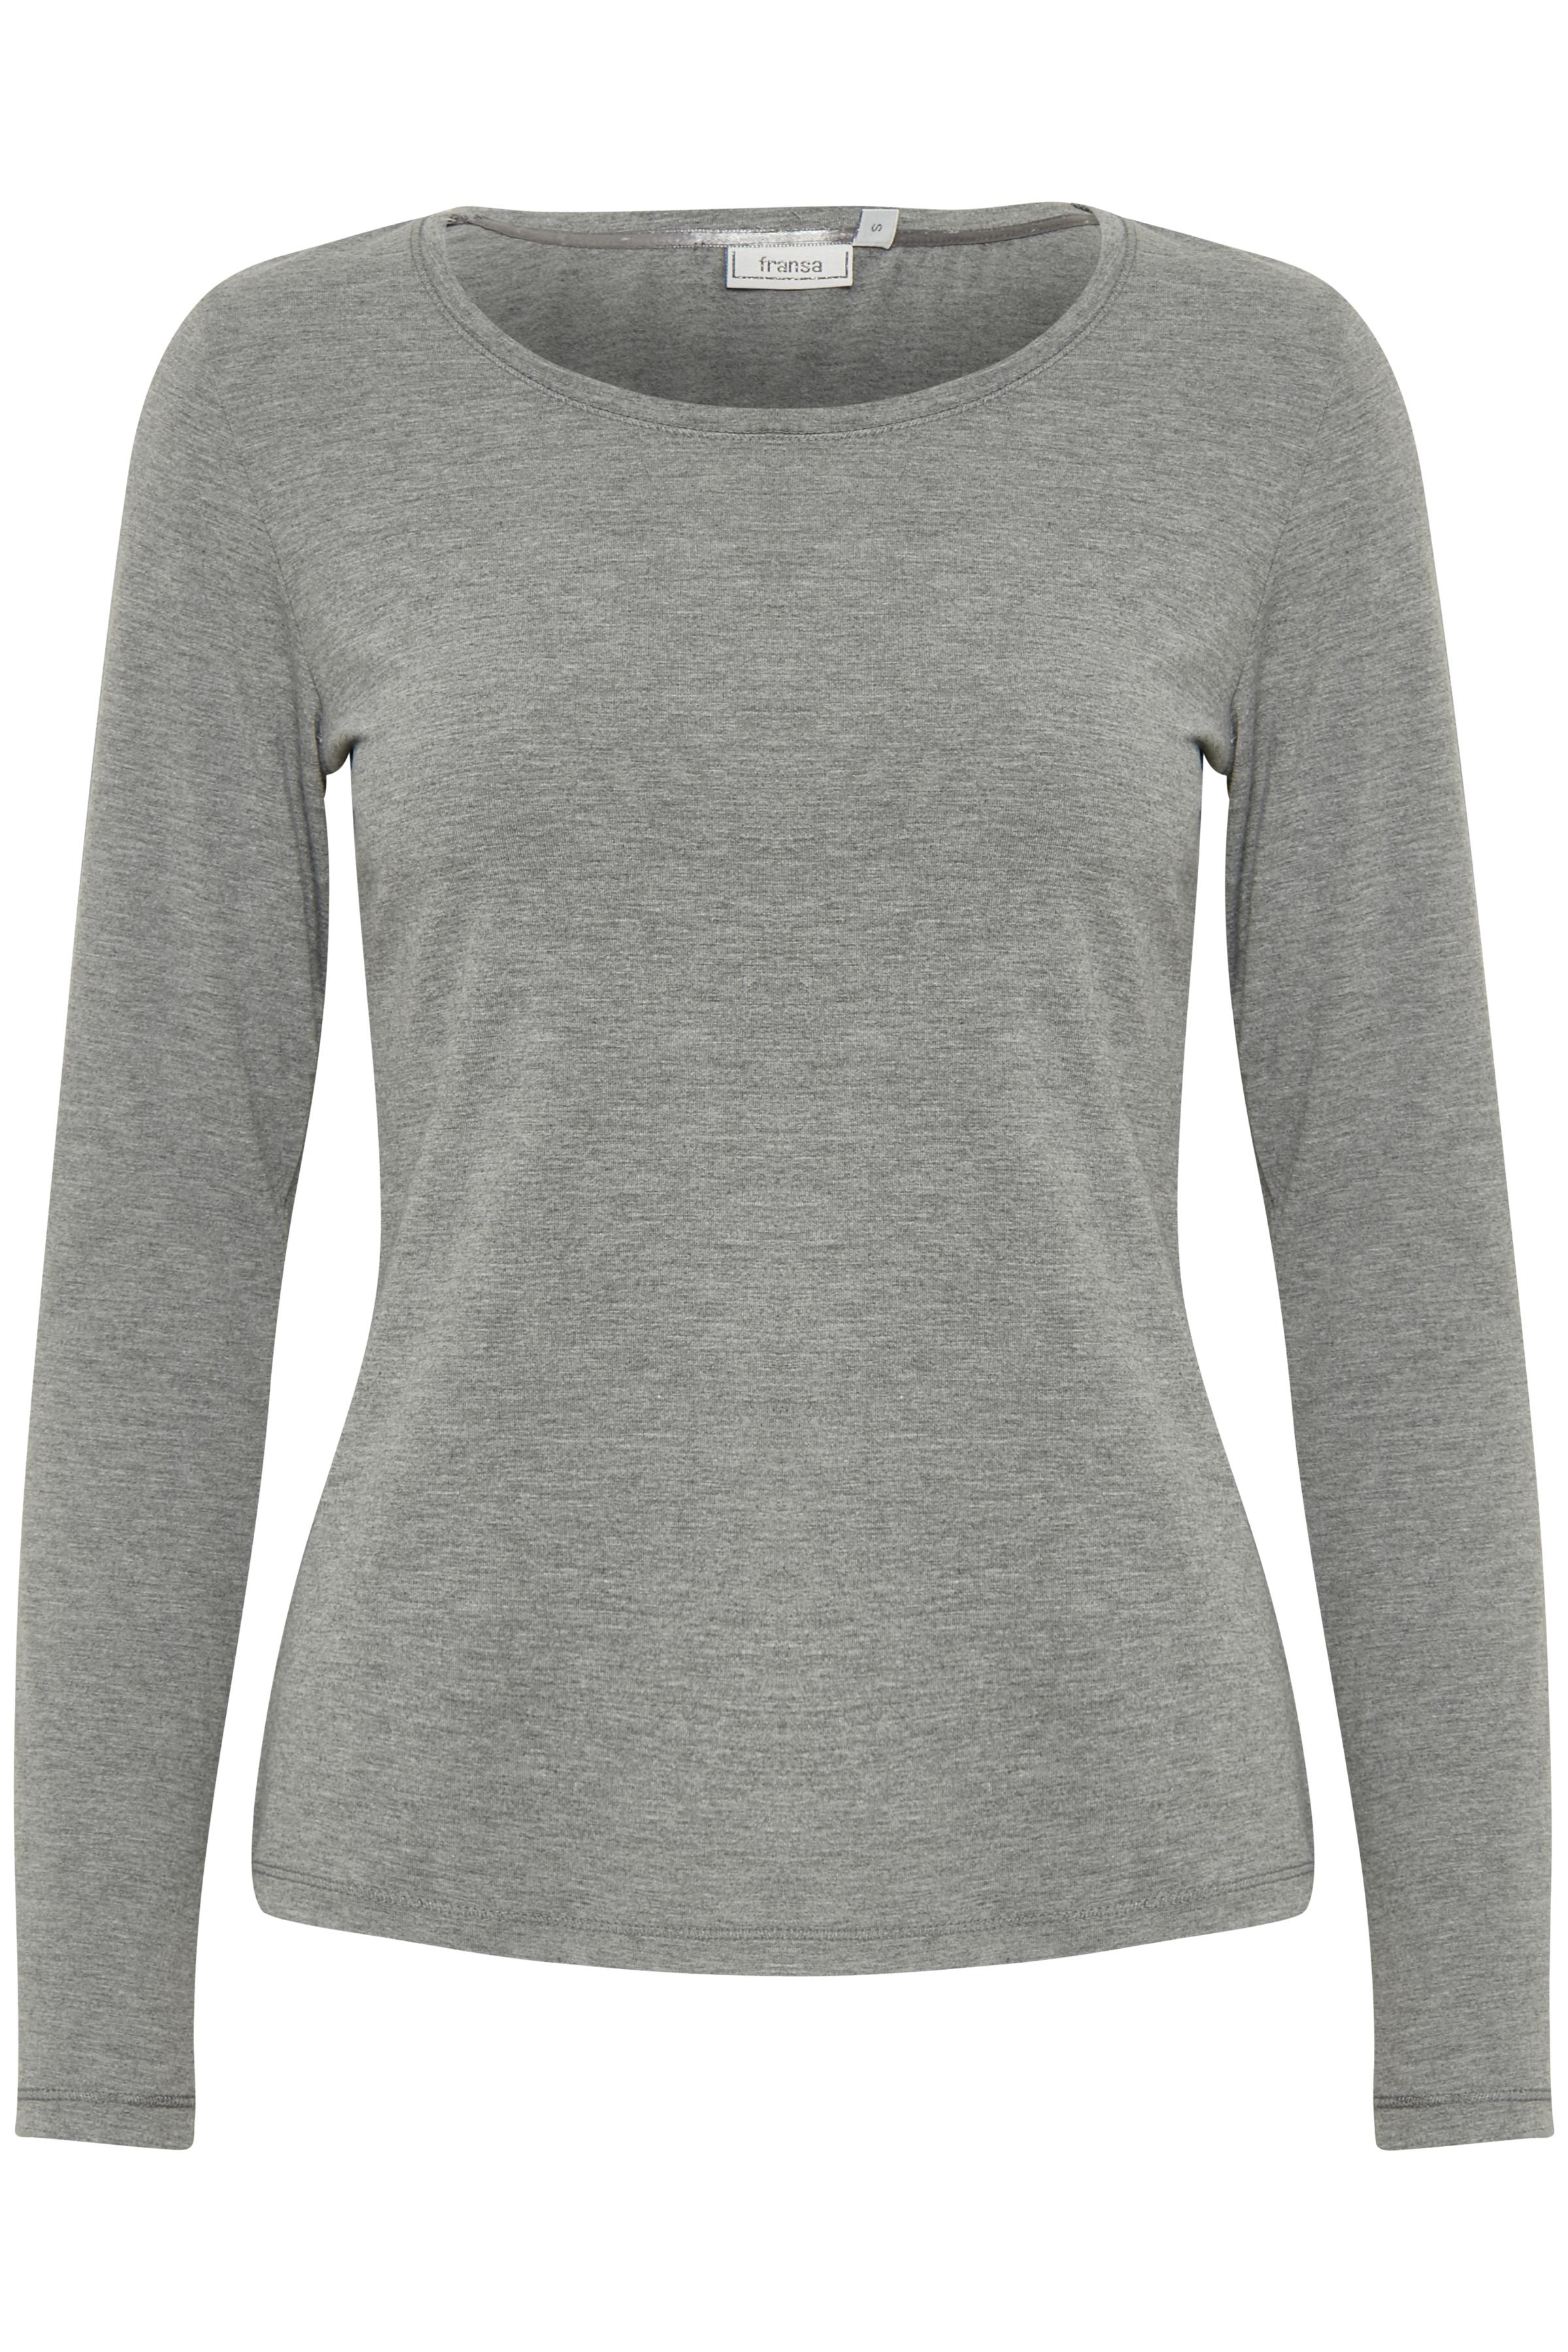 Image of Fransa Dame Langærmet T-shirt - Gråmeleret